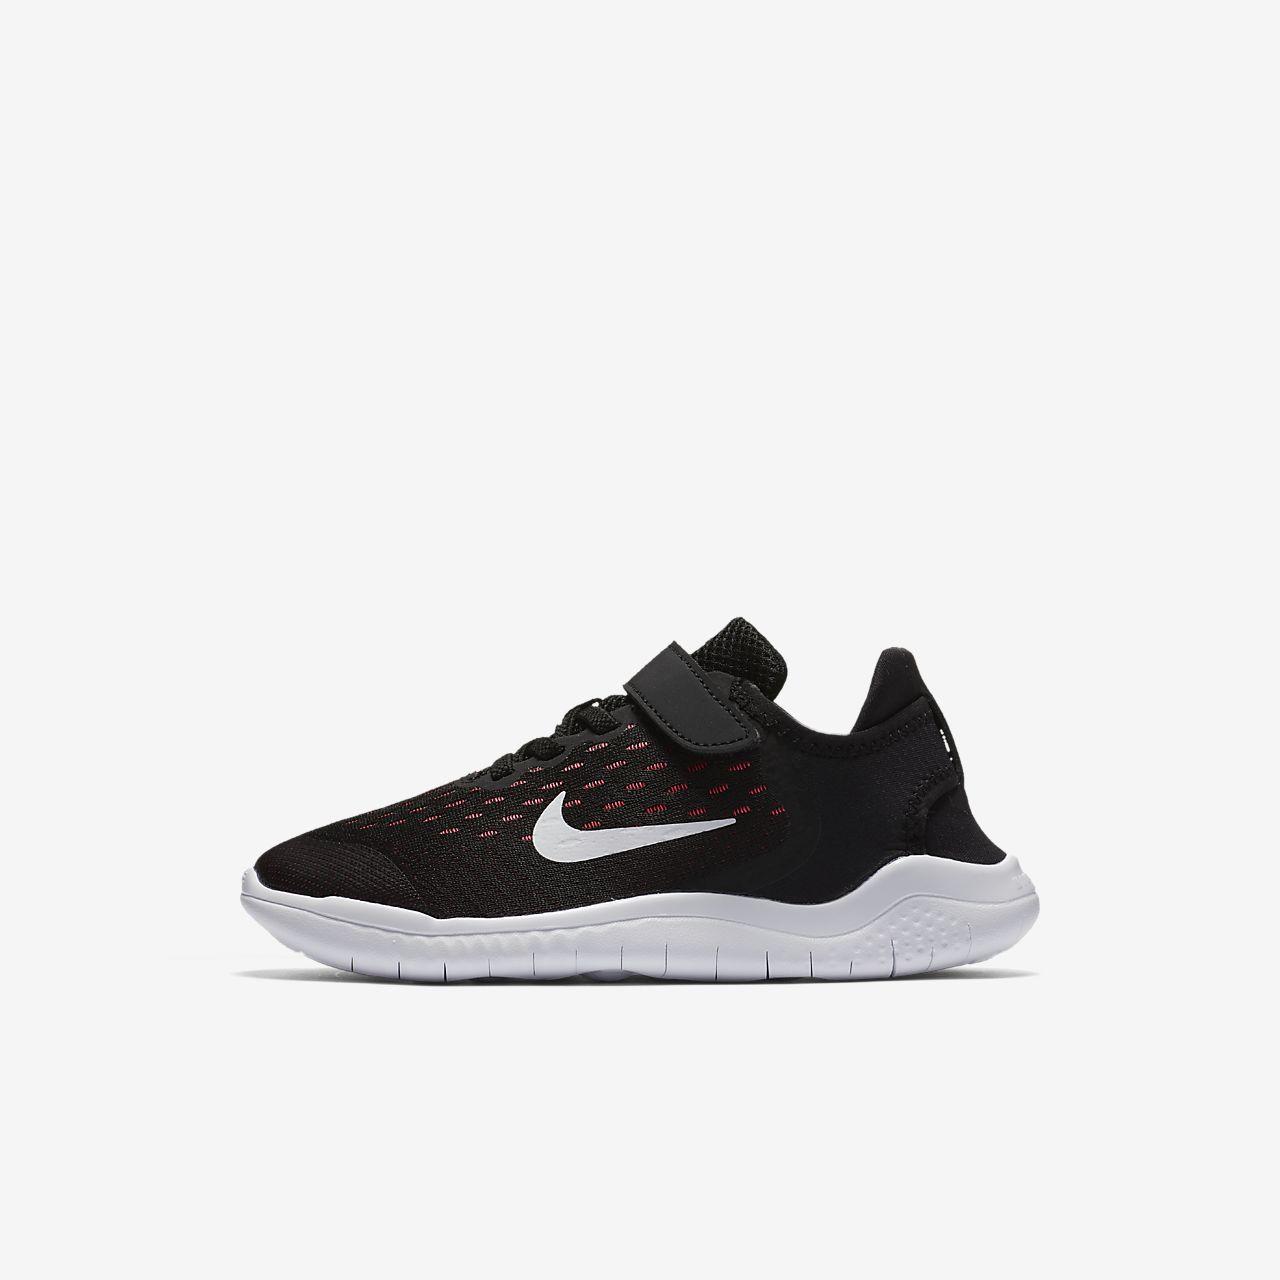 ... Chaussure Nike Free RN 2018 pour Jeune enfant